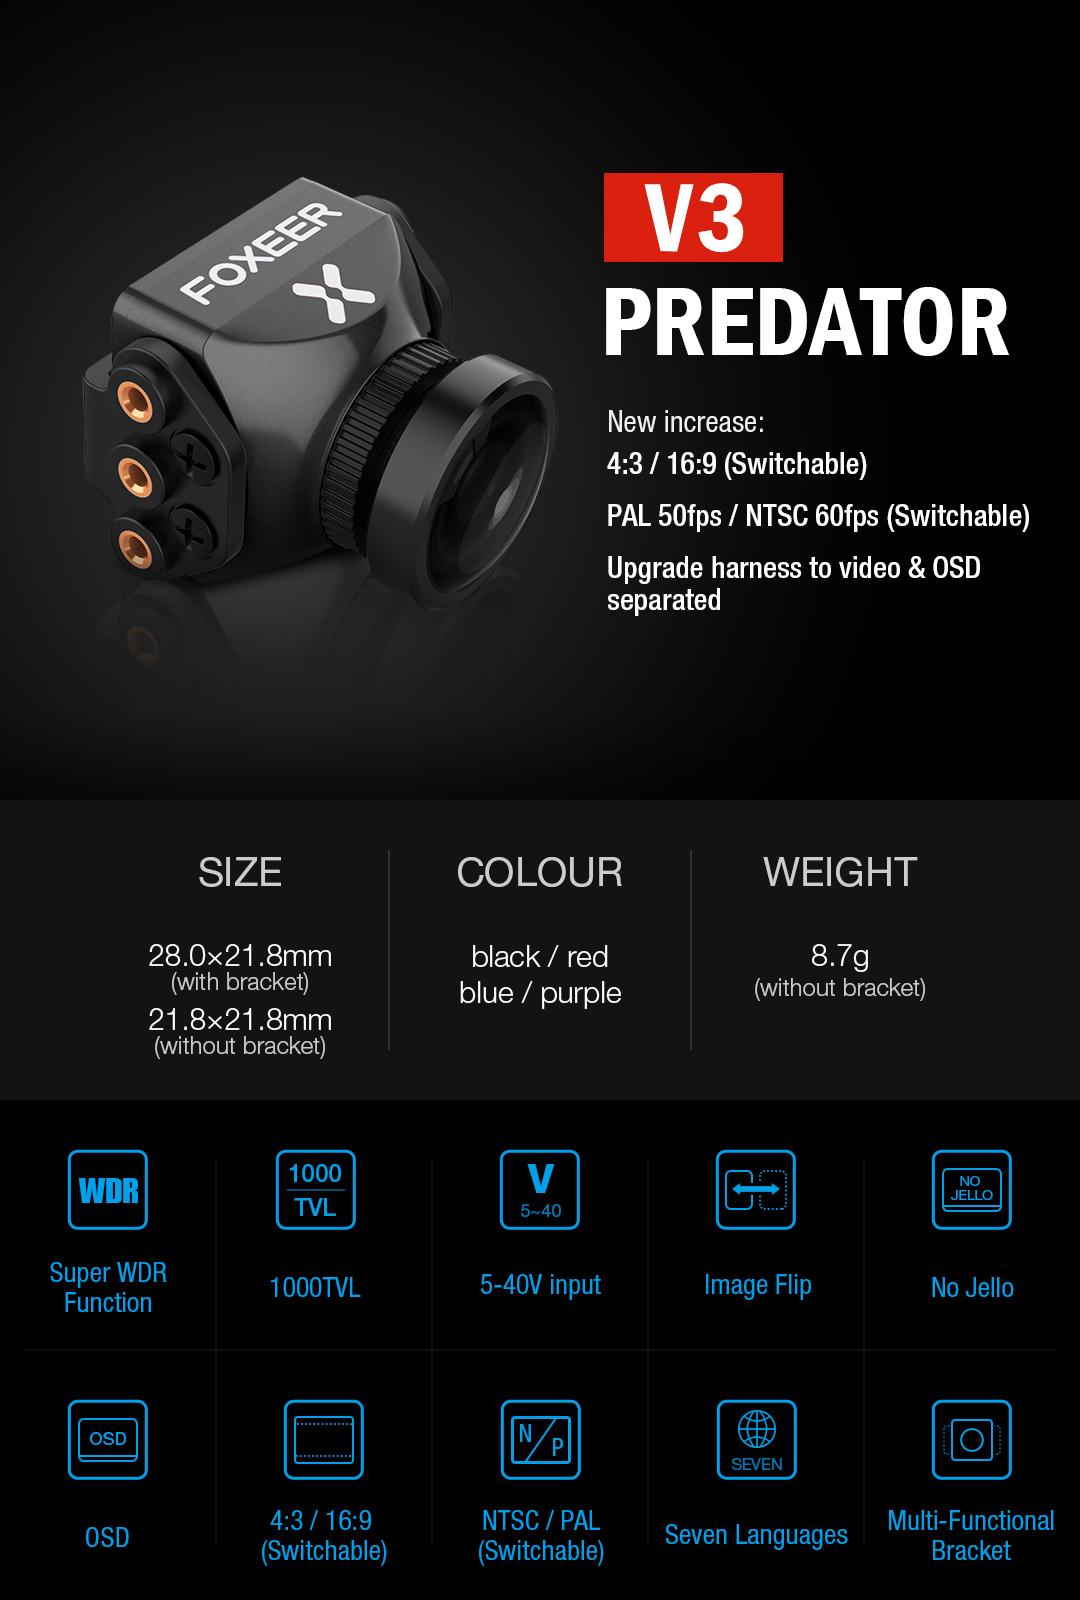 Foxeer Mini Predator v3